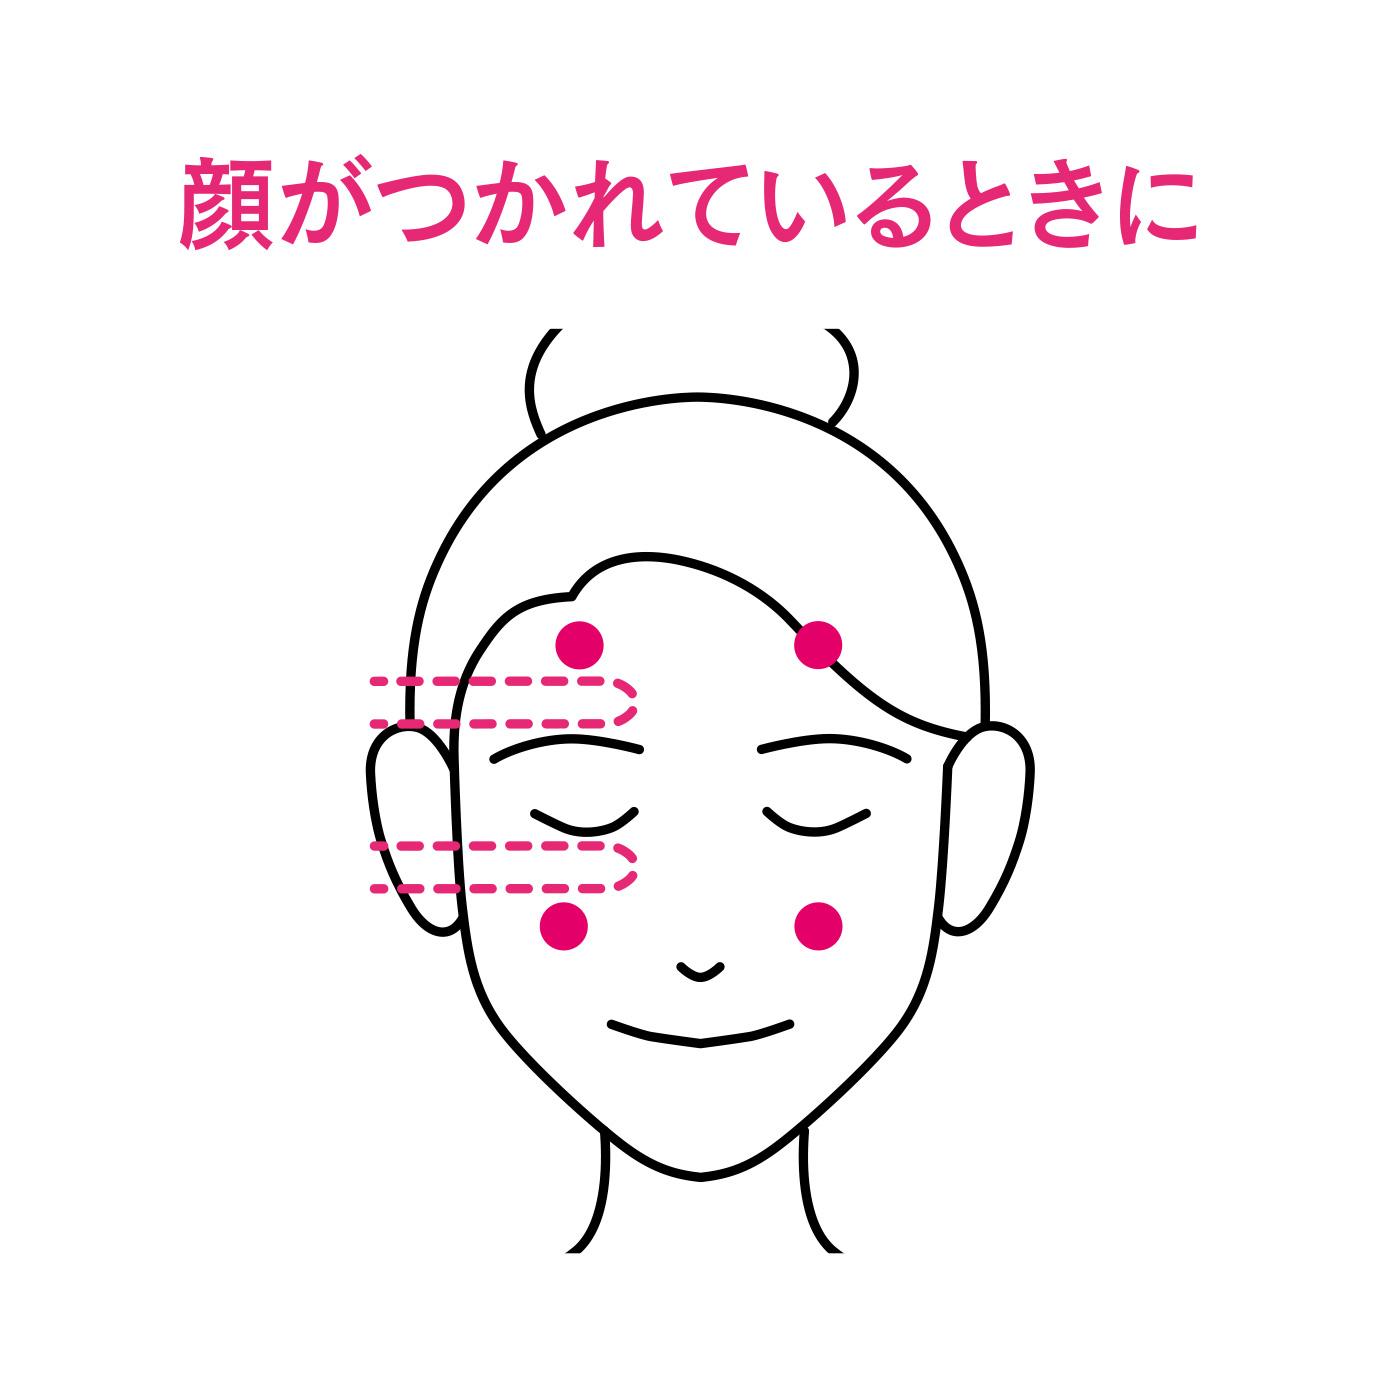 ■陽白ようはく眉の上、親指1本上。■四白(しはく)目の下の骨の縁から指1本下。